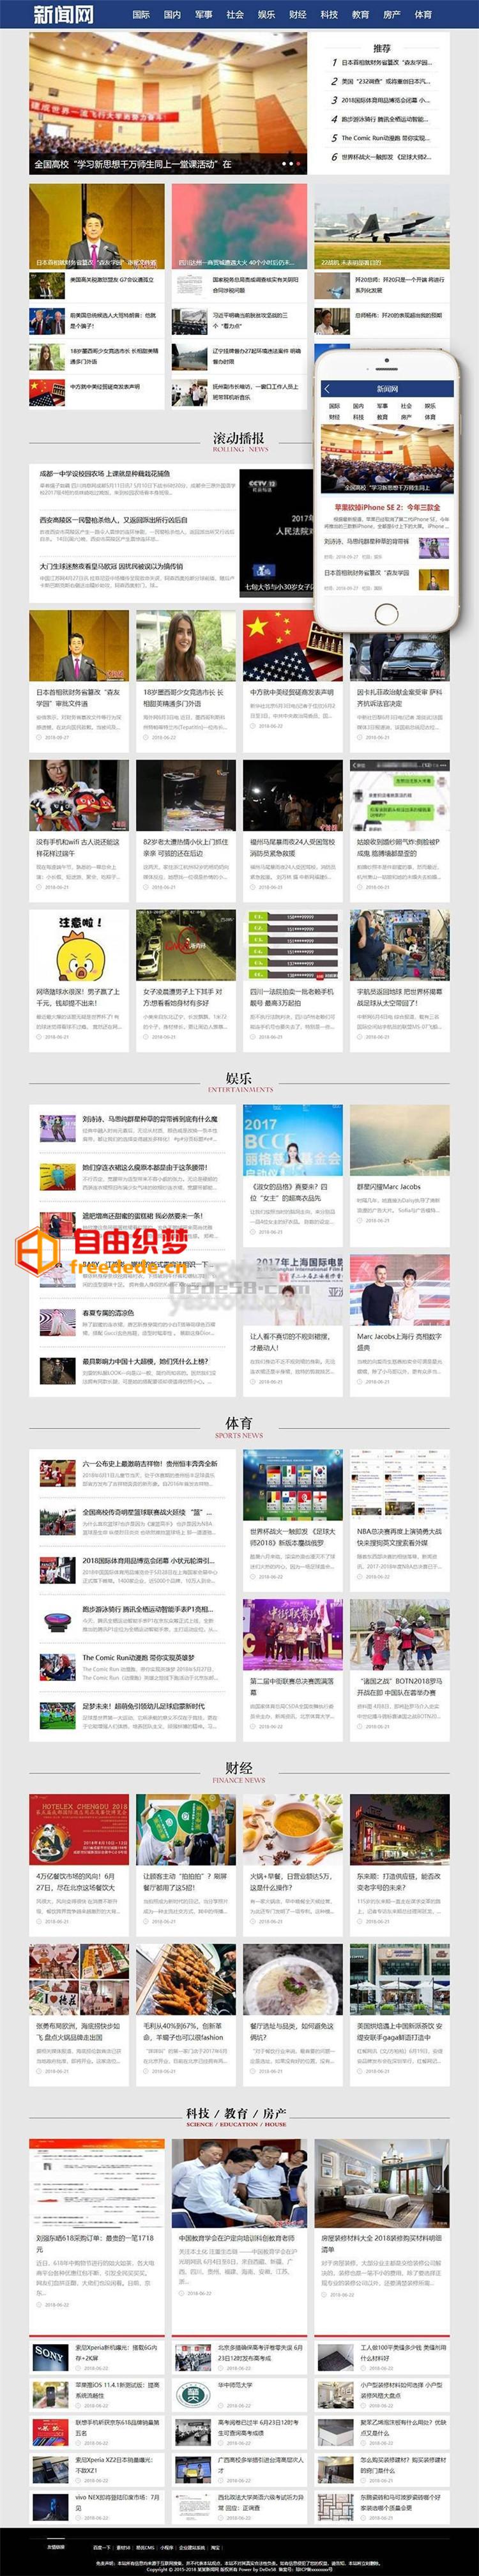 爱上源码网文章dedecms模板下载 社会娱乐新闻网类网站MIP织梦模板(三端同步)的内容插图